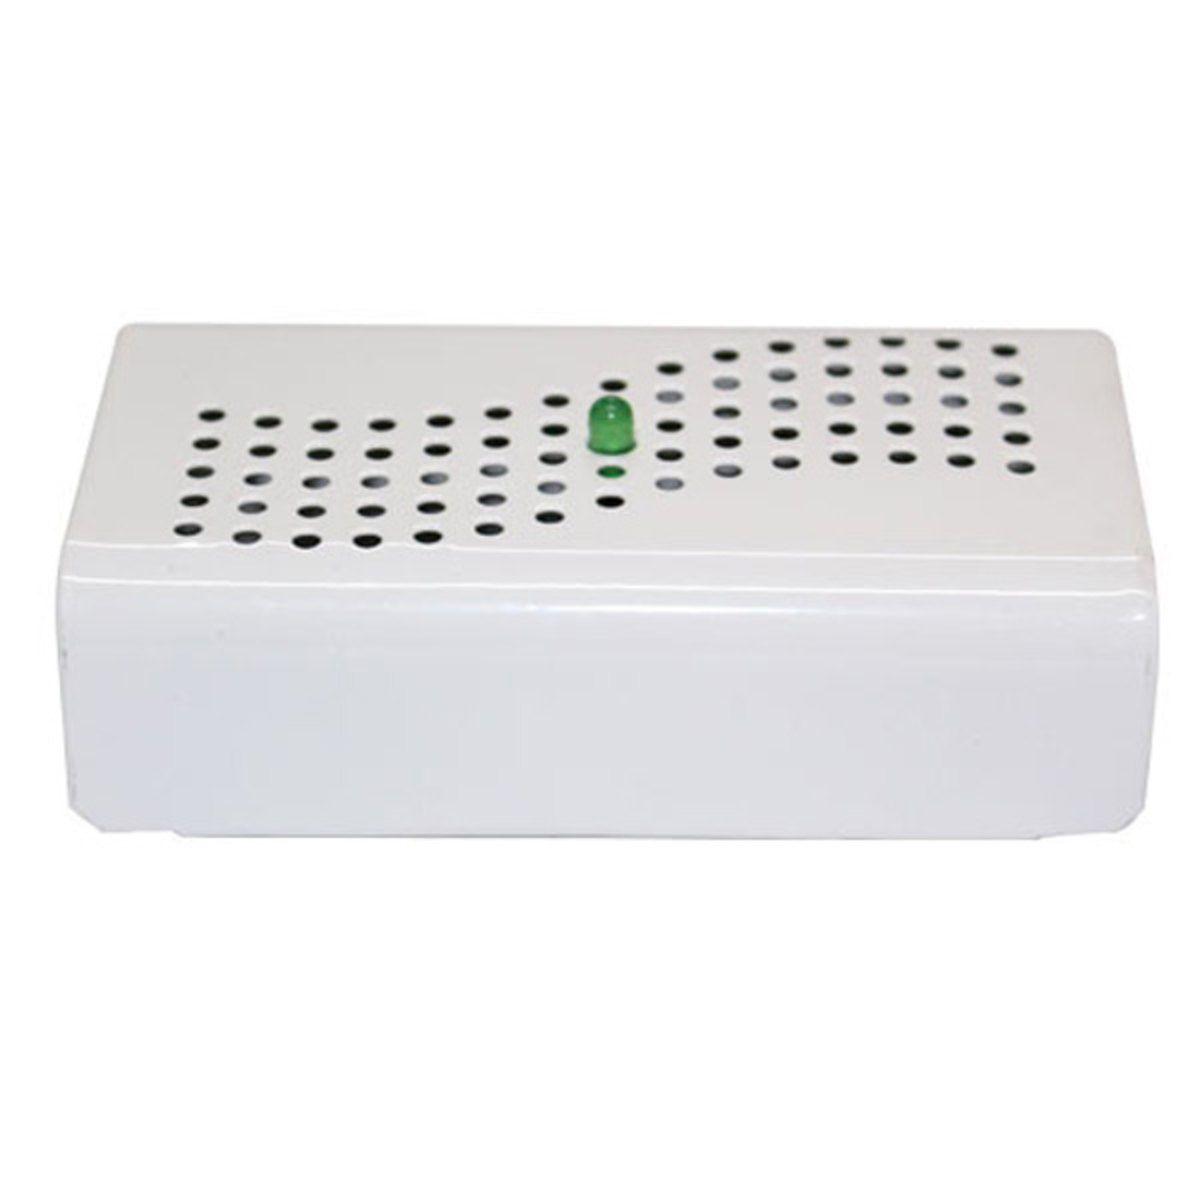 Desumidificador  Anti Mofo Eletrônico Anti Ácaro e Fungos - 6 unidades - 110v